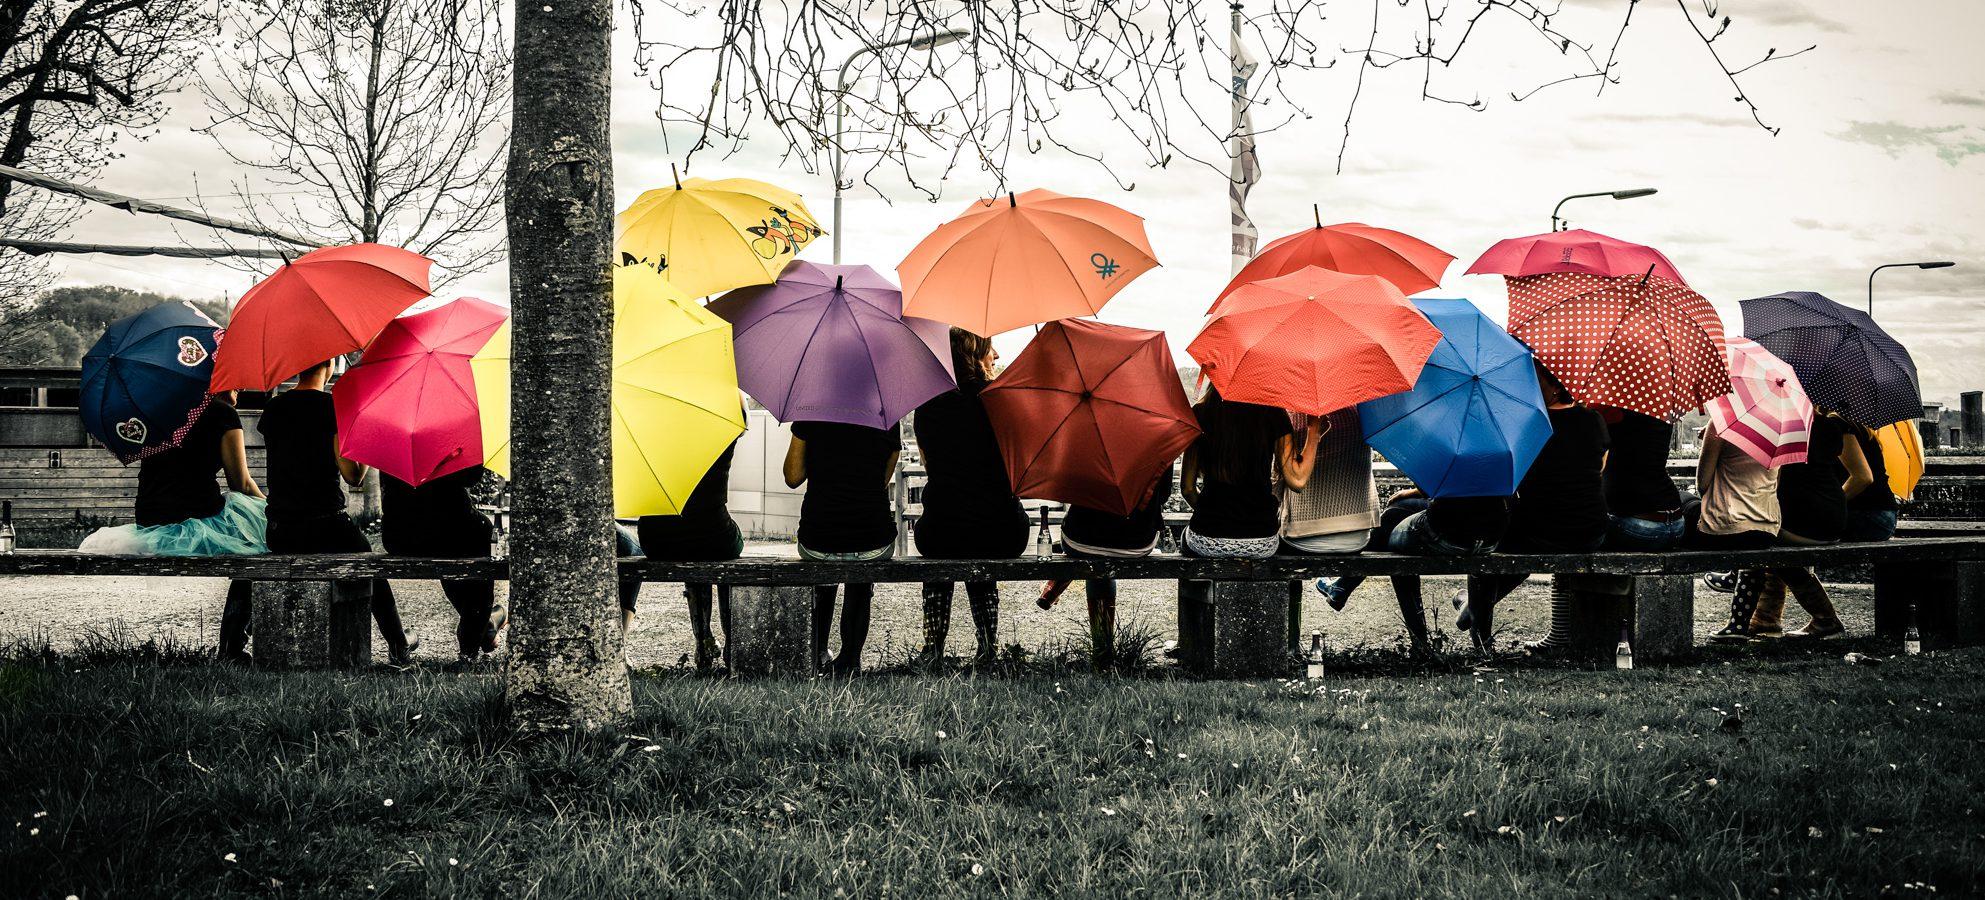 JGA mit Schirm, Sekt und Gummistiefel